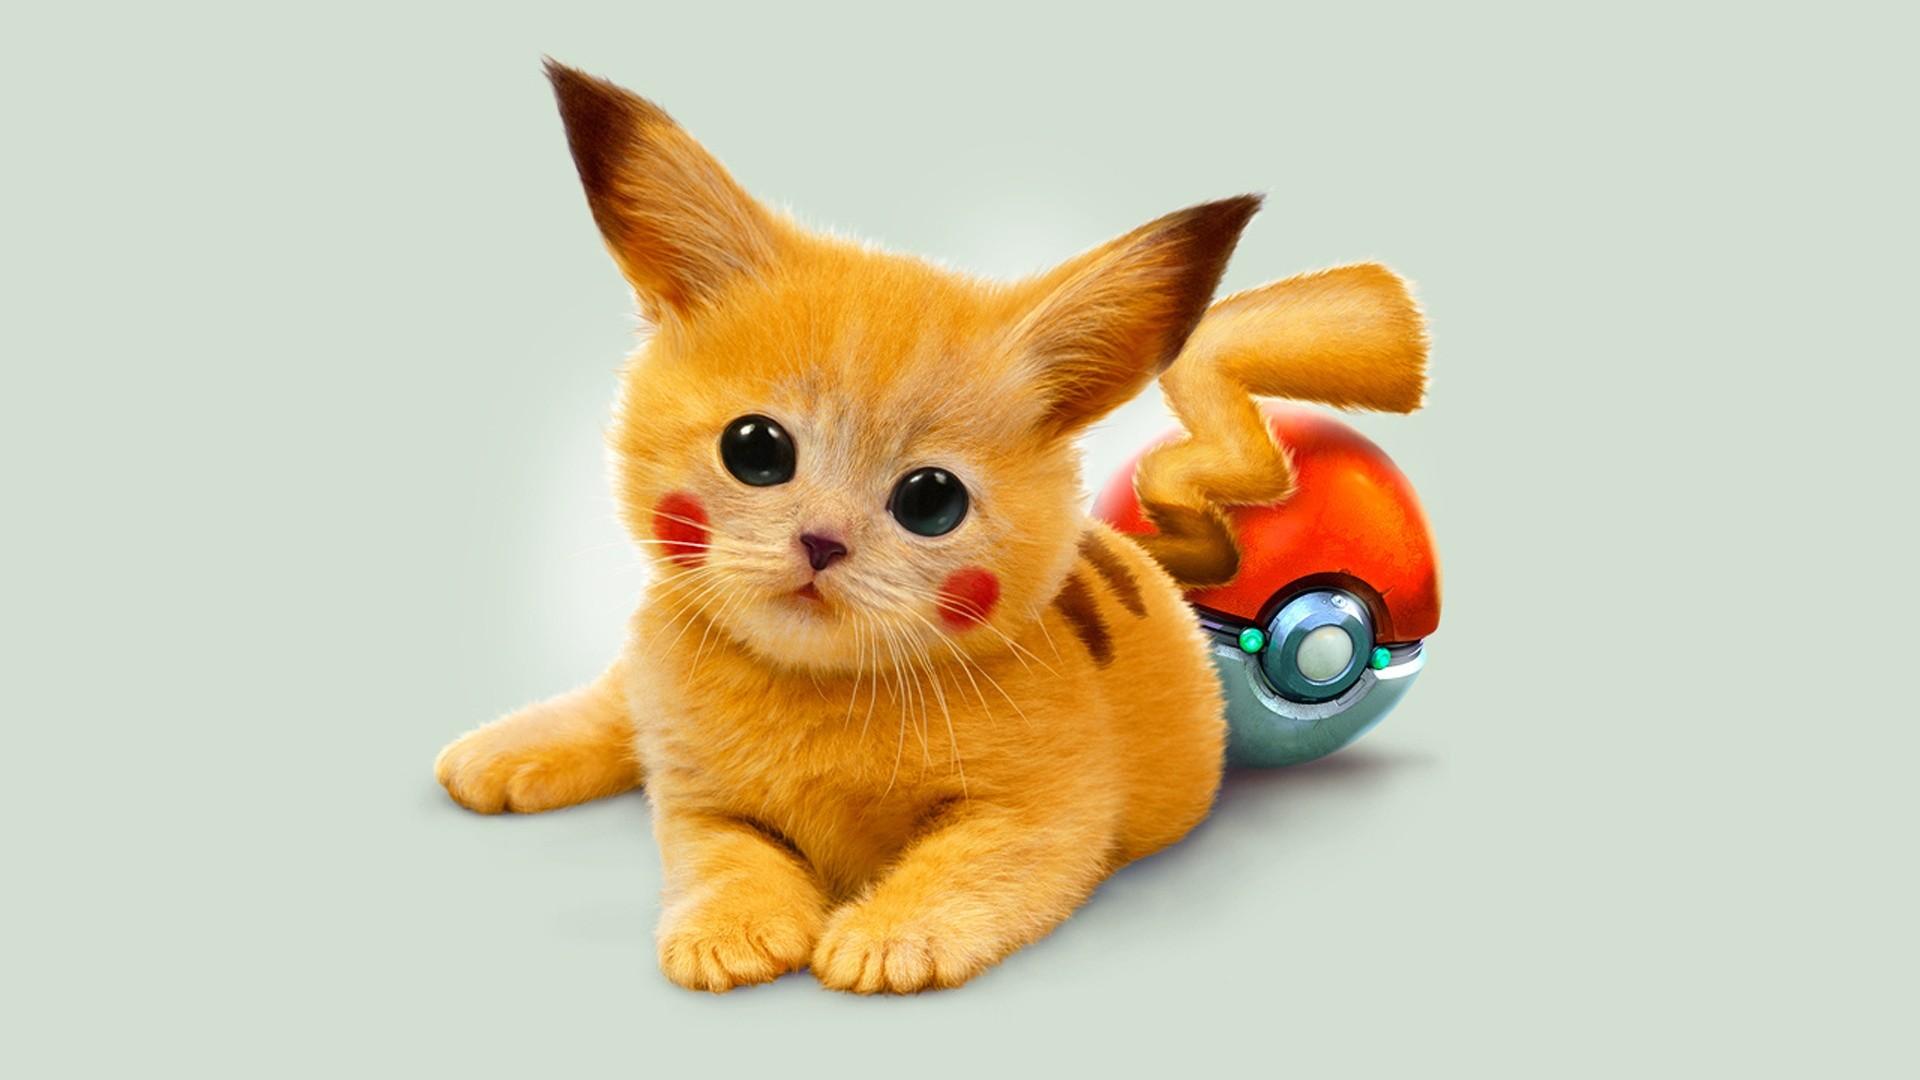 Preview wallpaper art, kitty, pokemon, red eyes, pikachu 1920×1080